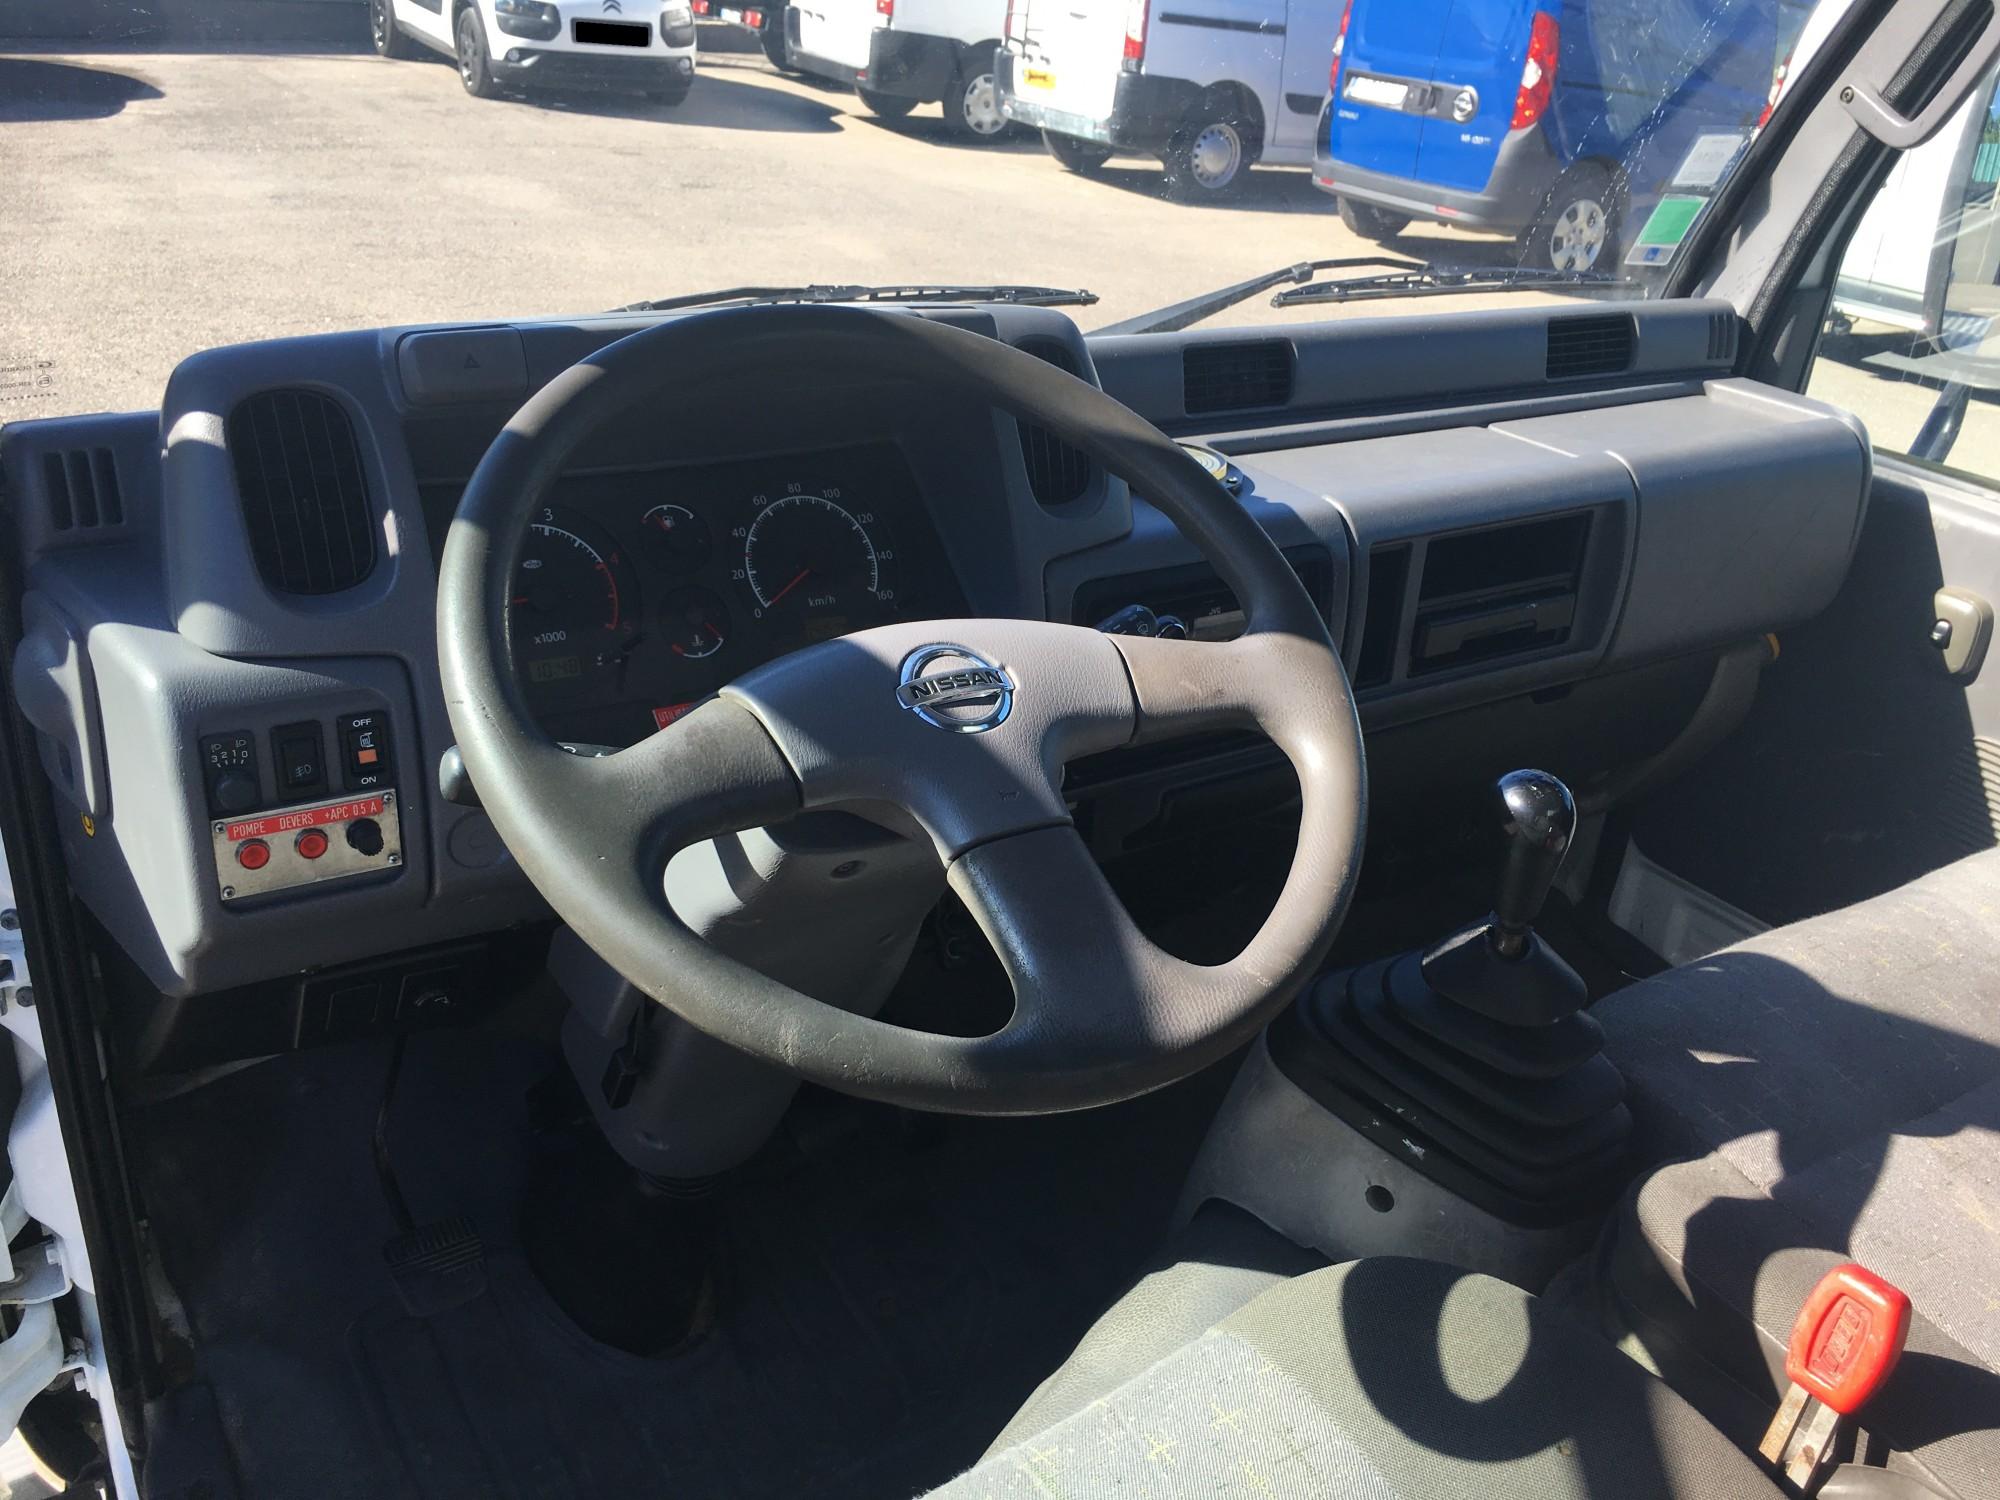 Nissan Cabstar 25 Dci 110 Ch Nacelle 10m De 2006 Voir Dans Les Cabster 4x4 Diesel Cliquez Sur Images Pour Agrandir